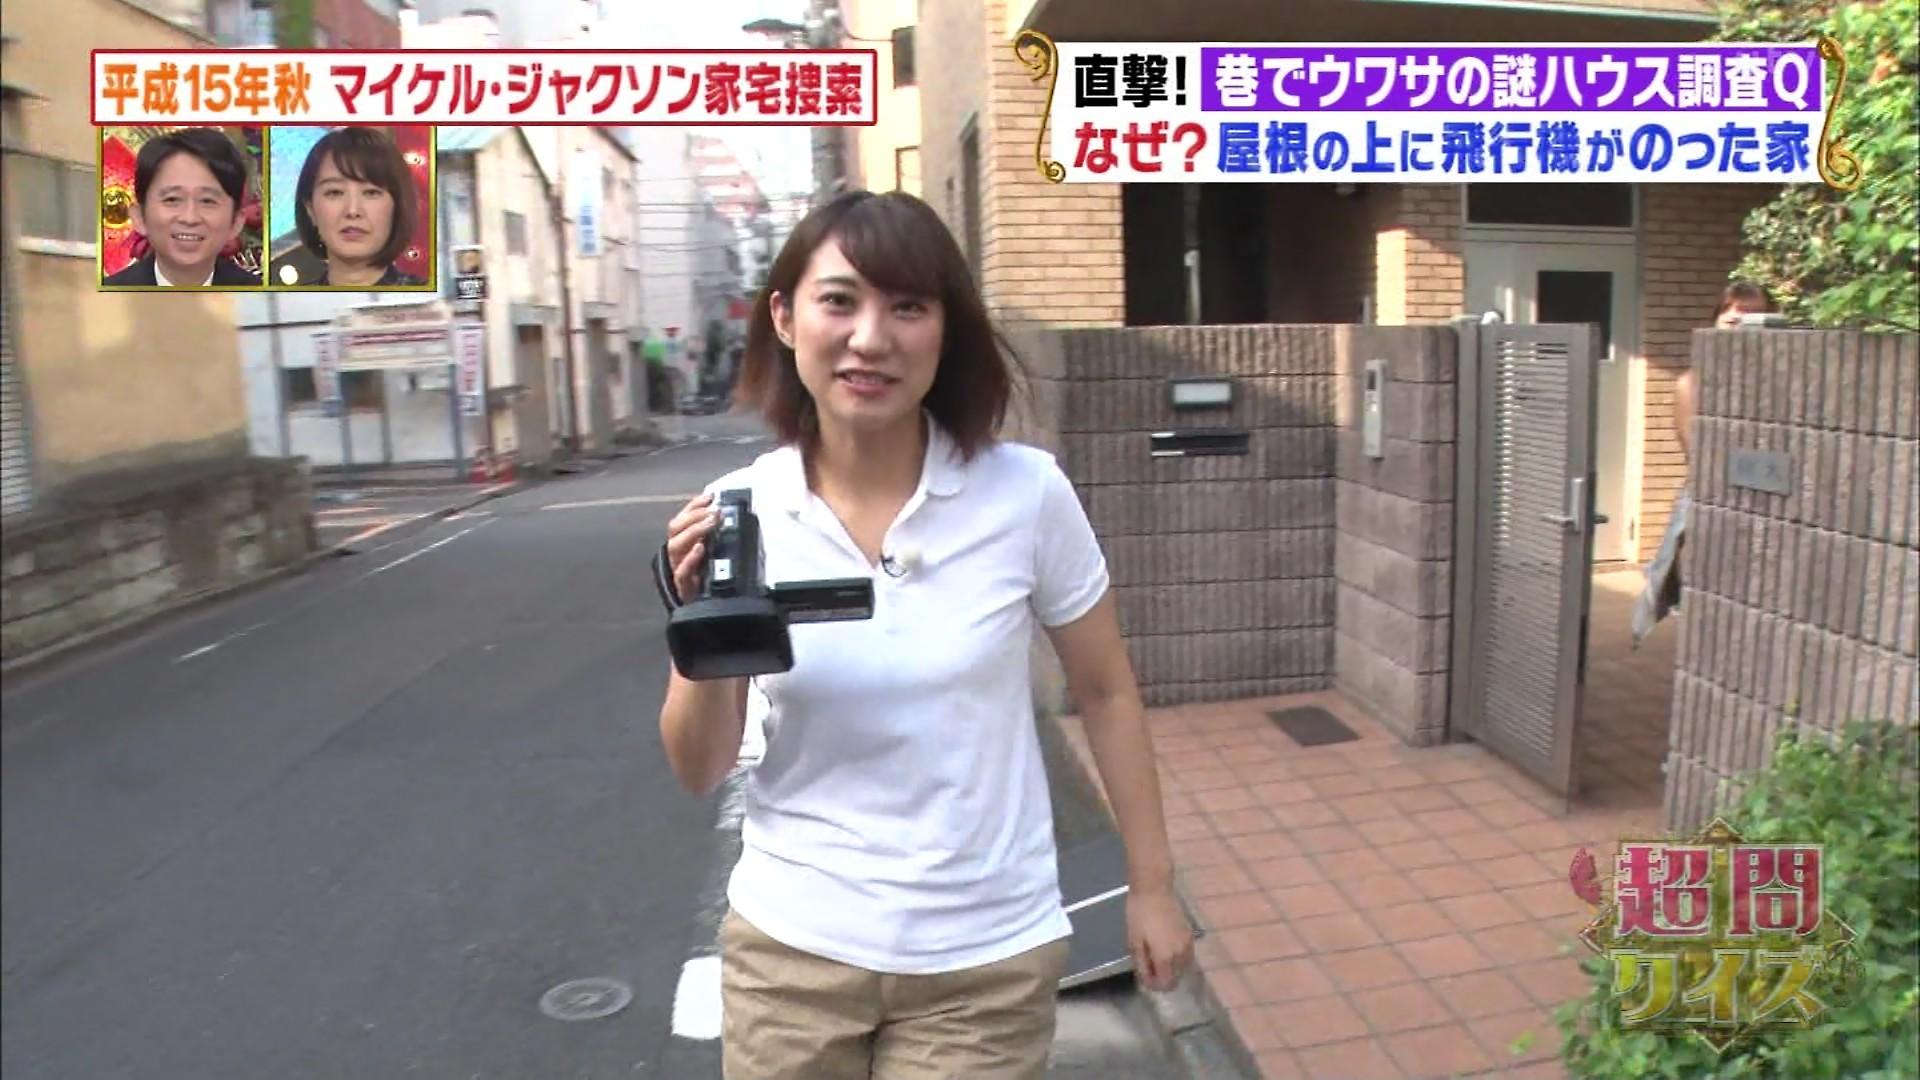 北村まあささんの「超問クイズ!真実か?ウソか?」テレビキャプチャー画像-015